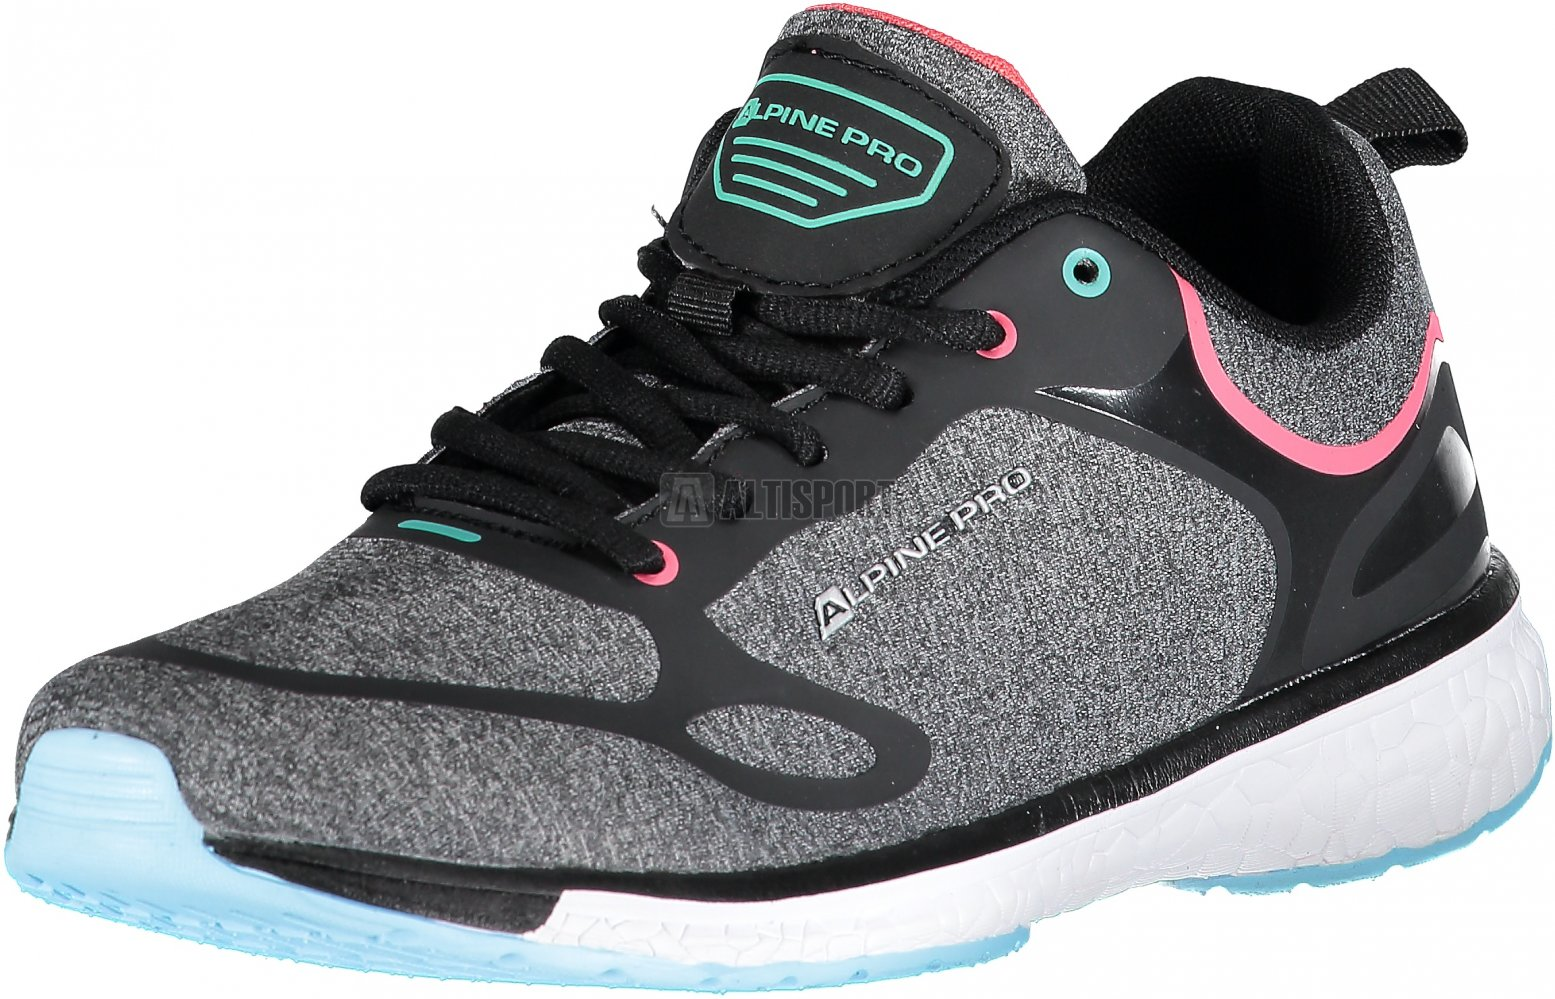 Dámské sportovní boty ALPINE PRO RIANA LBTL168 ČERNÁ velikost  EU 36 ... 64258dbe10